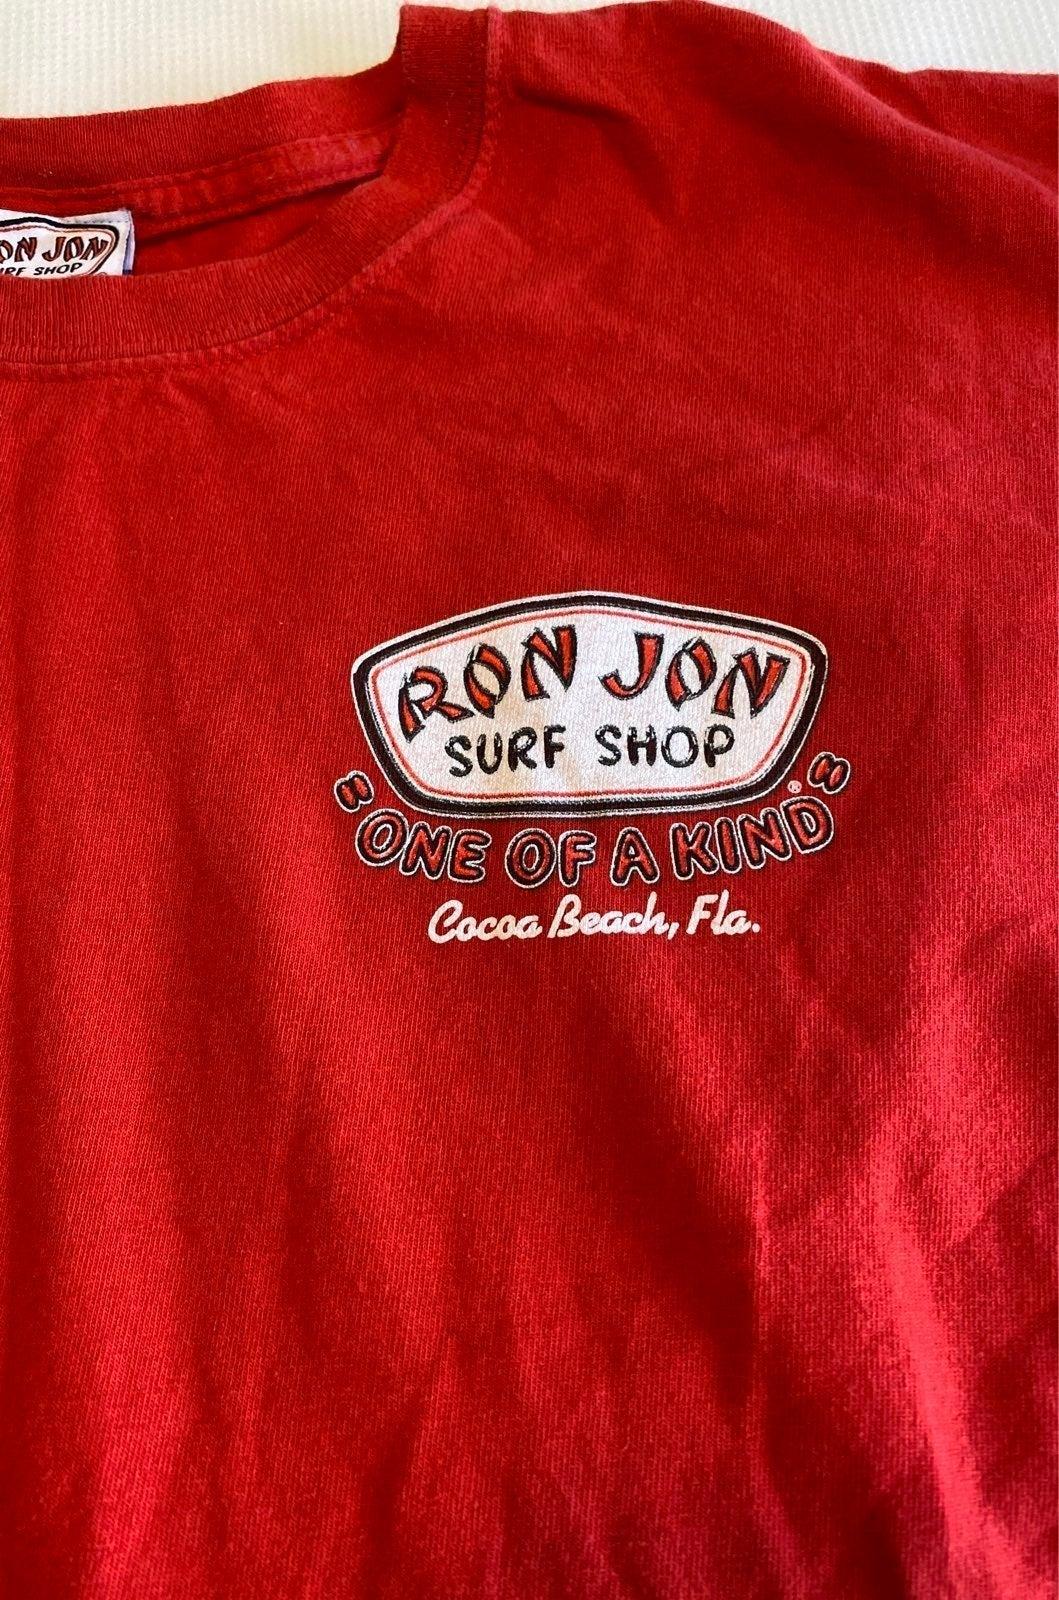 Vintage Ron Jon Surf Shop Tshirt